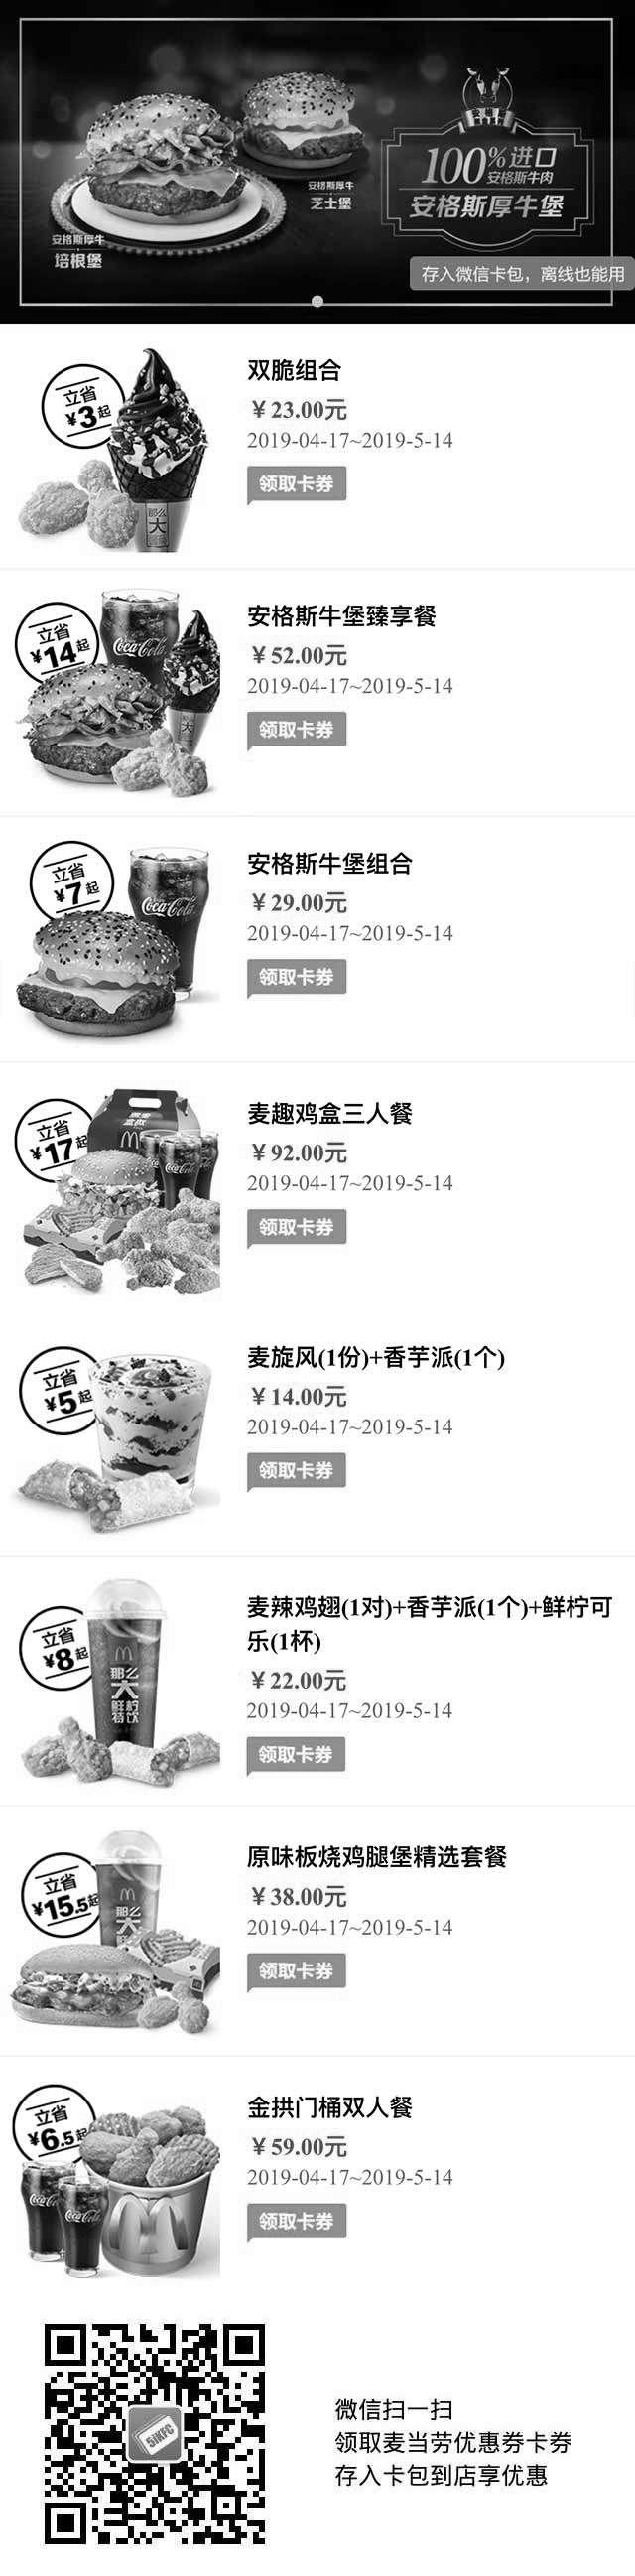 黑白优惠券图片:麦当劳2019年4月5月份优惠券领取,麦当劳卡券 - www.5ikfc.com